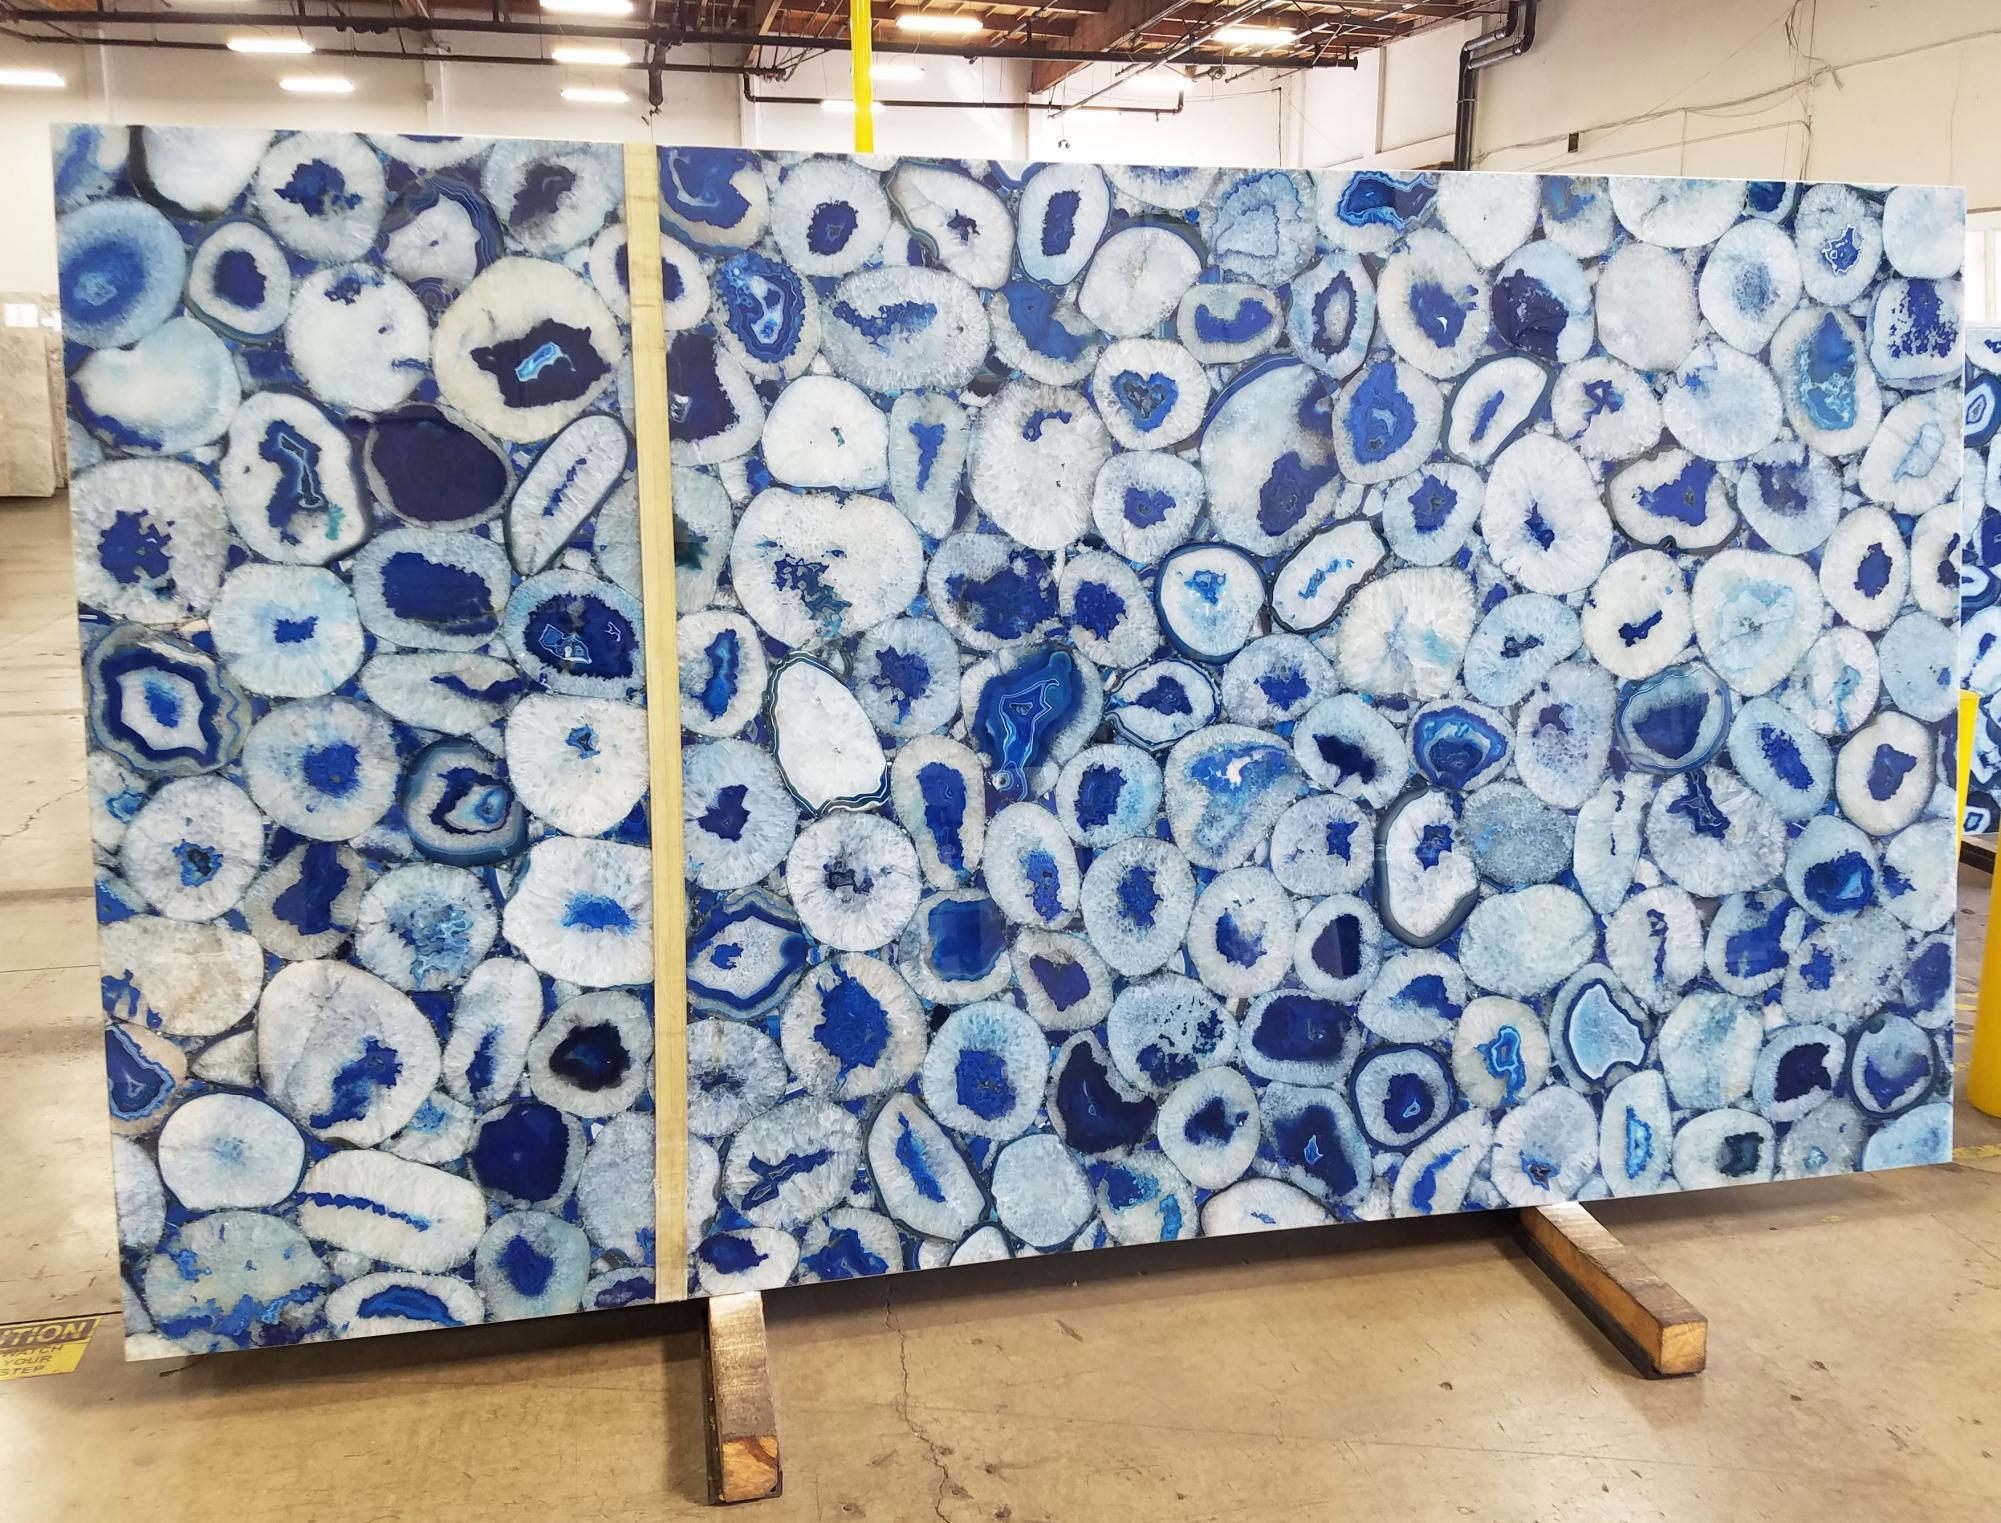 AGATA BLUE Fornitura California (Stati Uniti) di lastre grezze lucide in pietra semipreziosa naturale AG-BL18 , Jumbo size